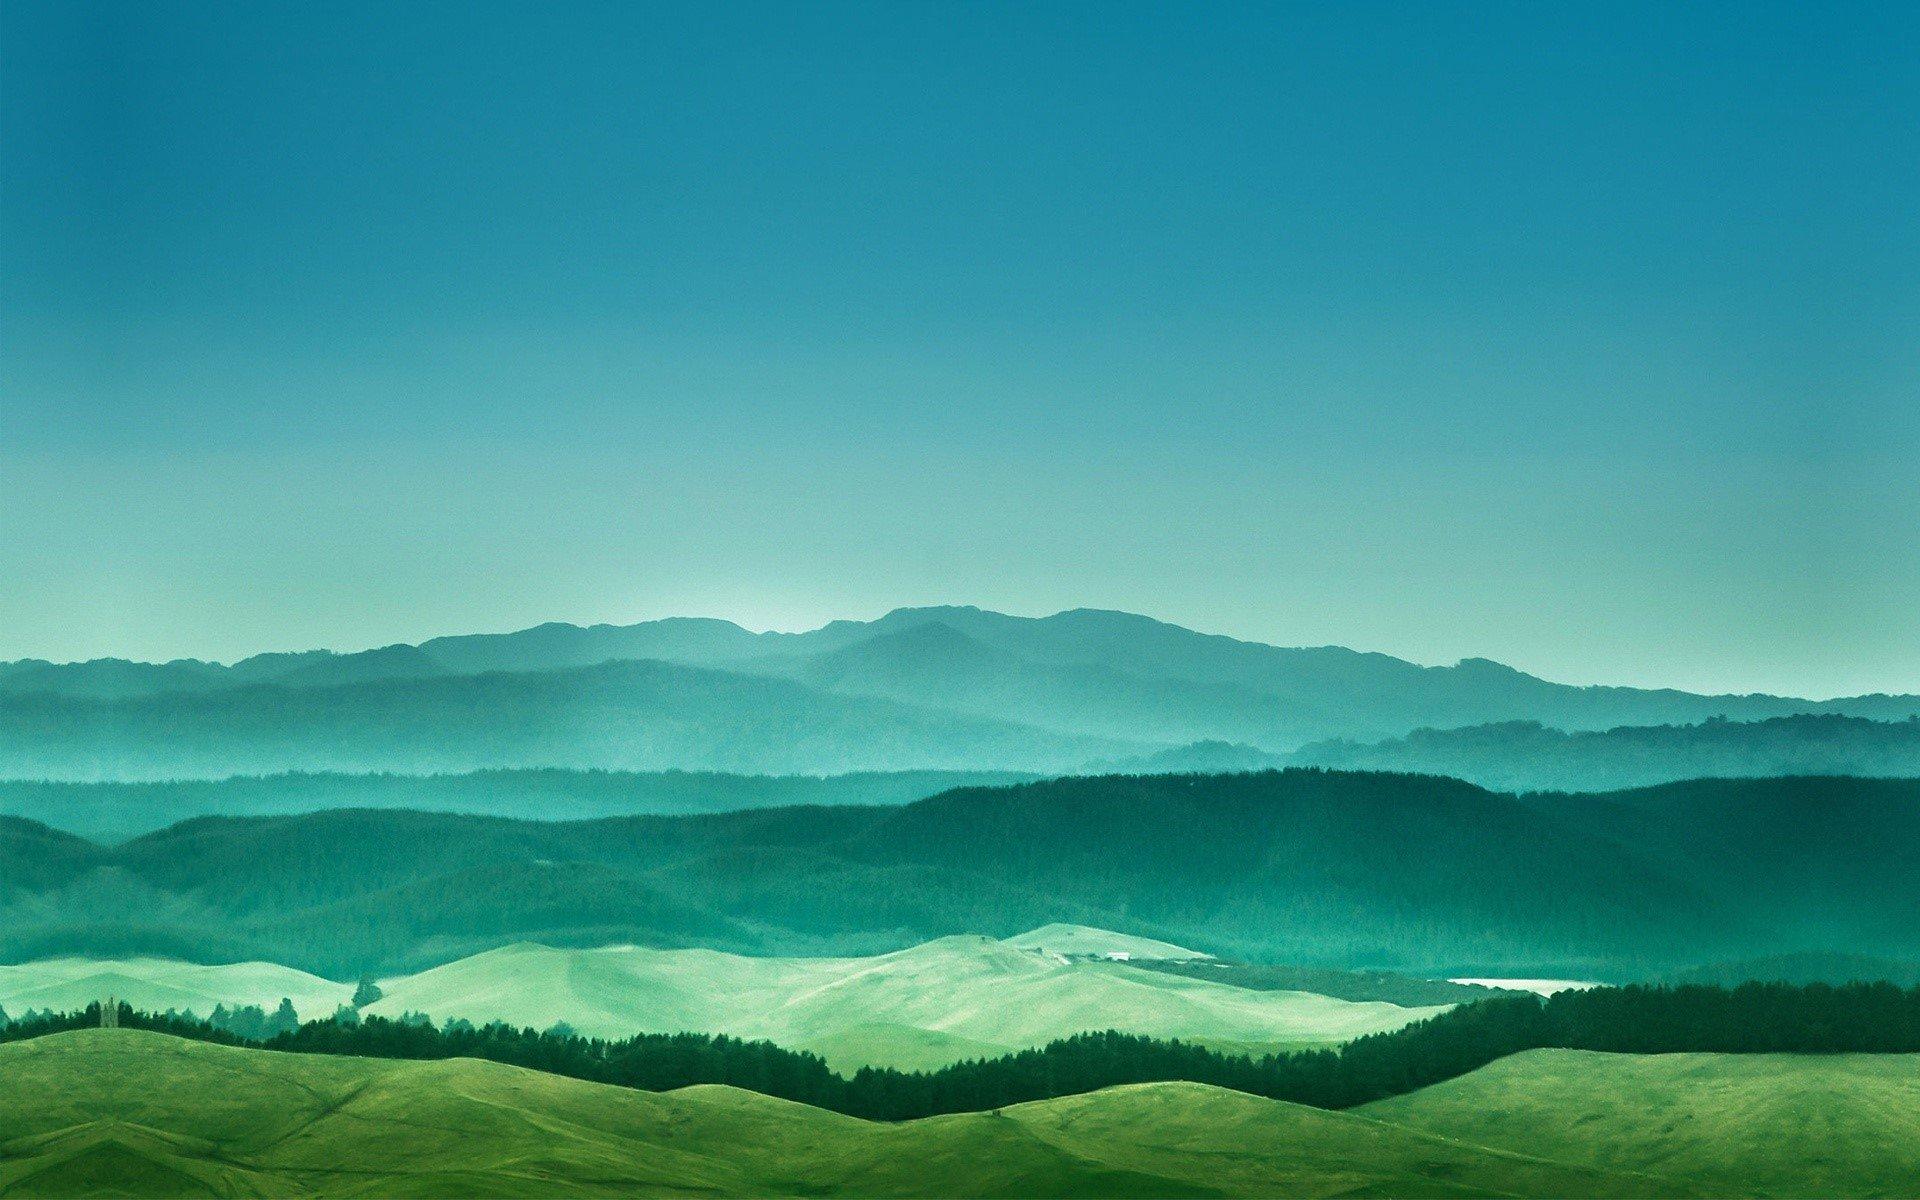 Fondos de pantalla Montañas lejanas